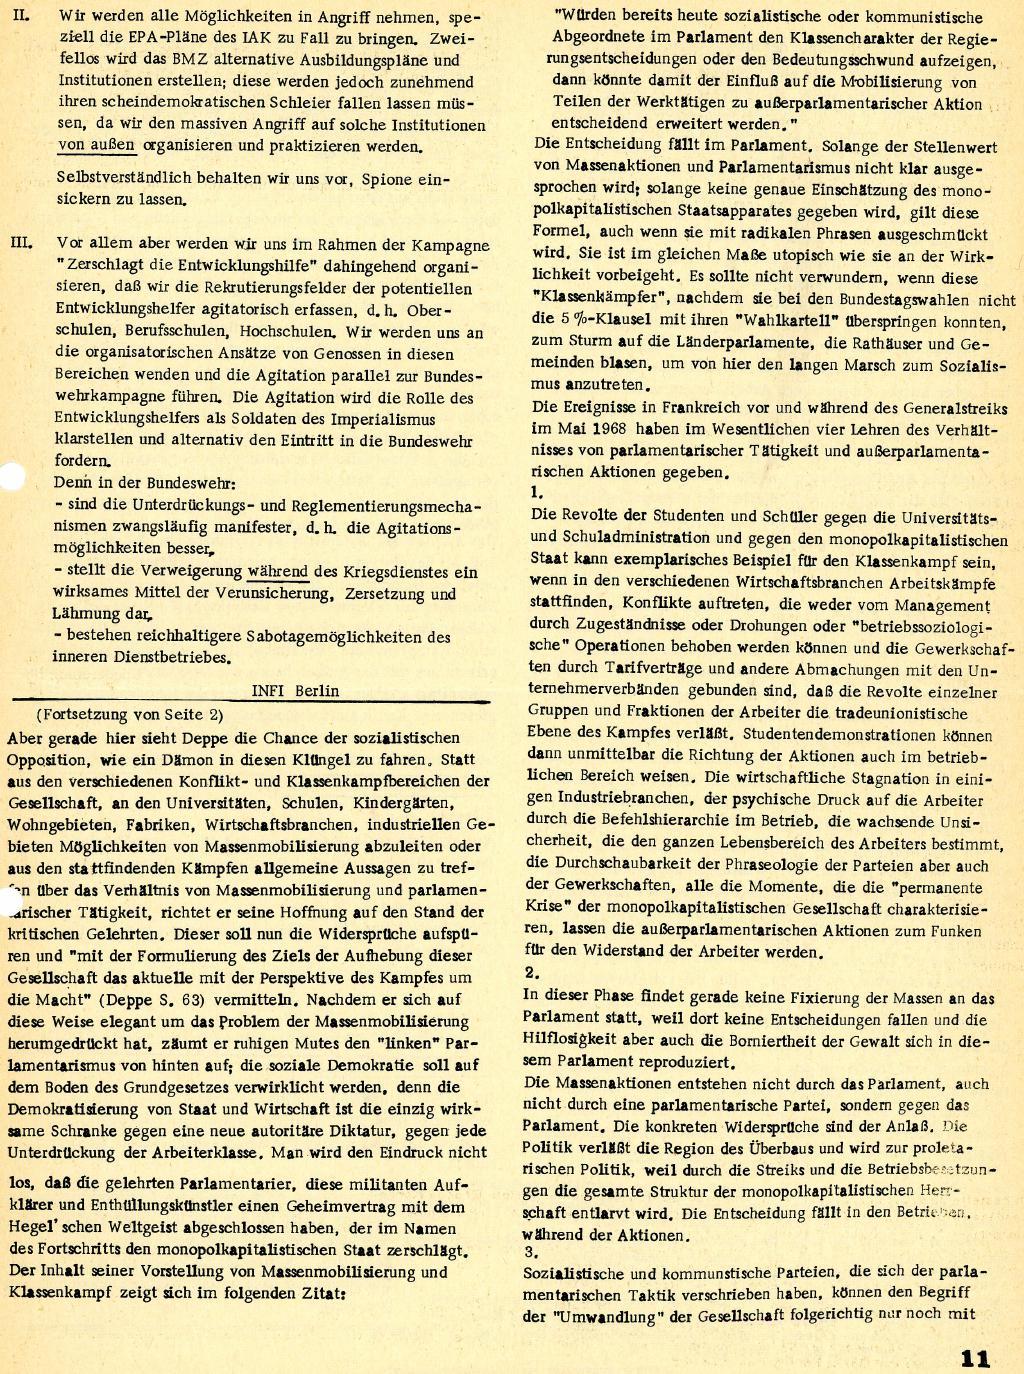 RPK_1969_011_11